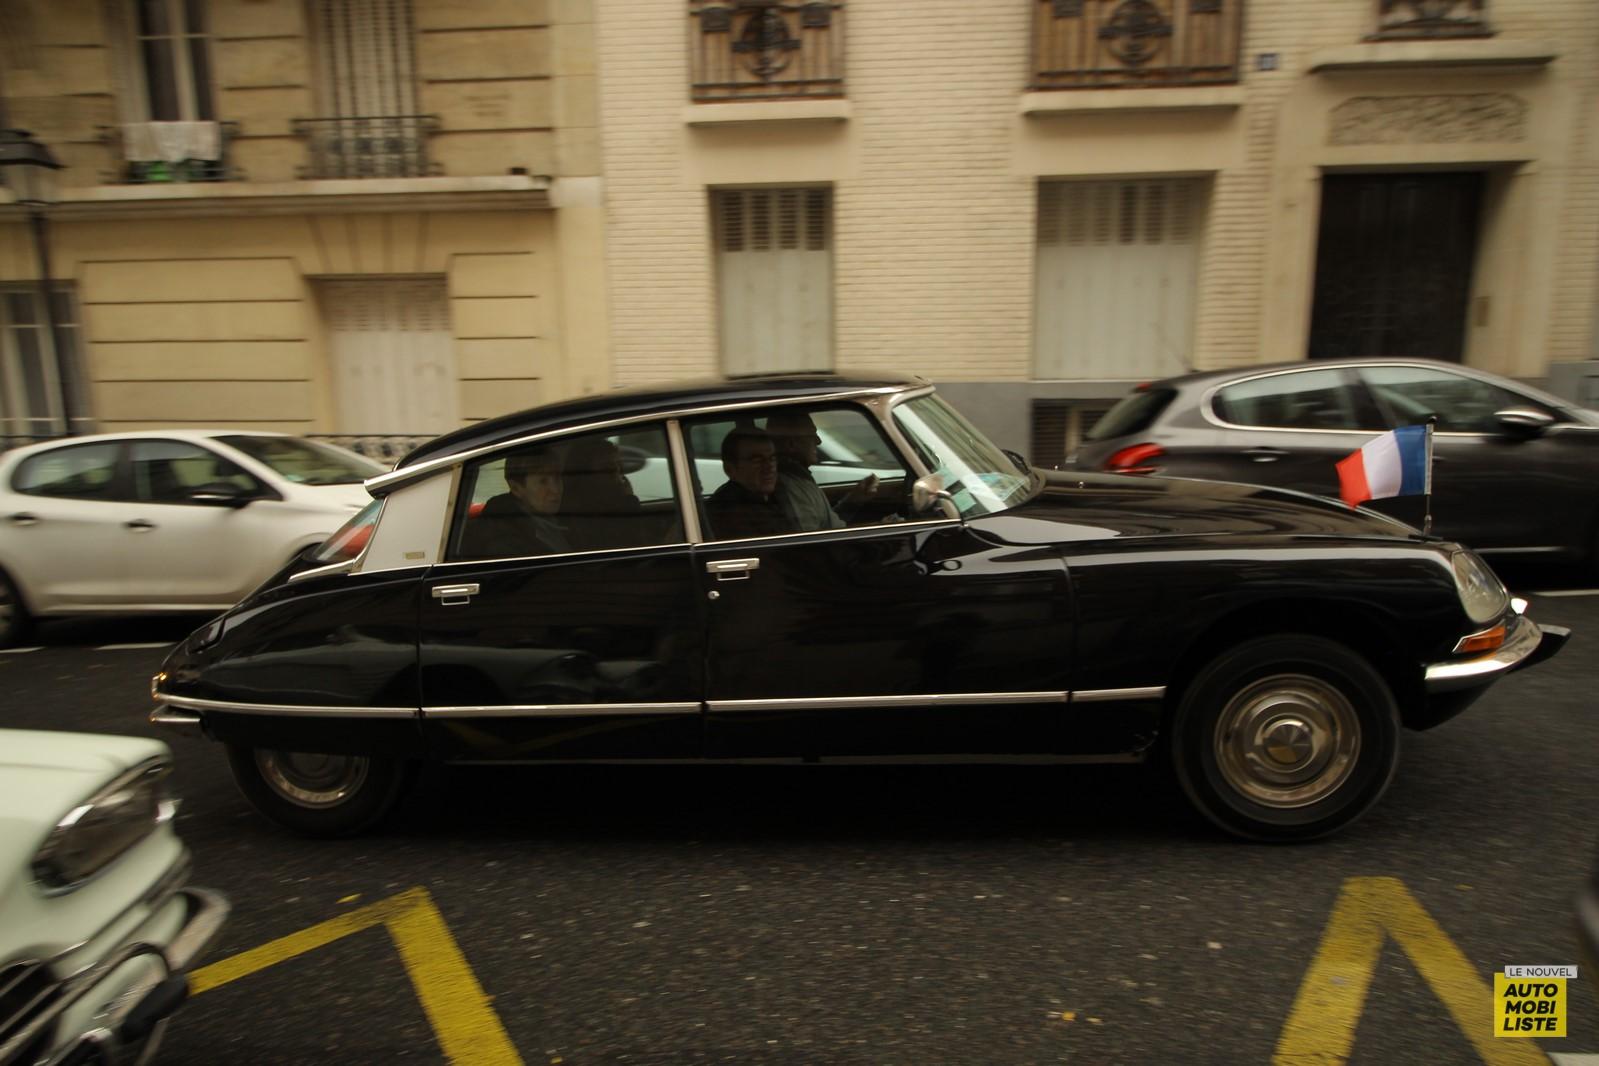 Traversee de Paris LNA Thibaut Dumoulin 24